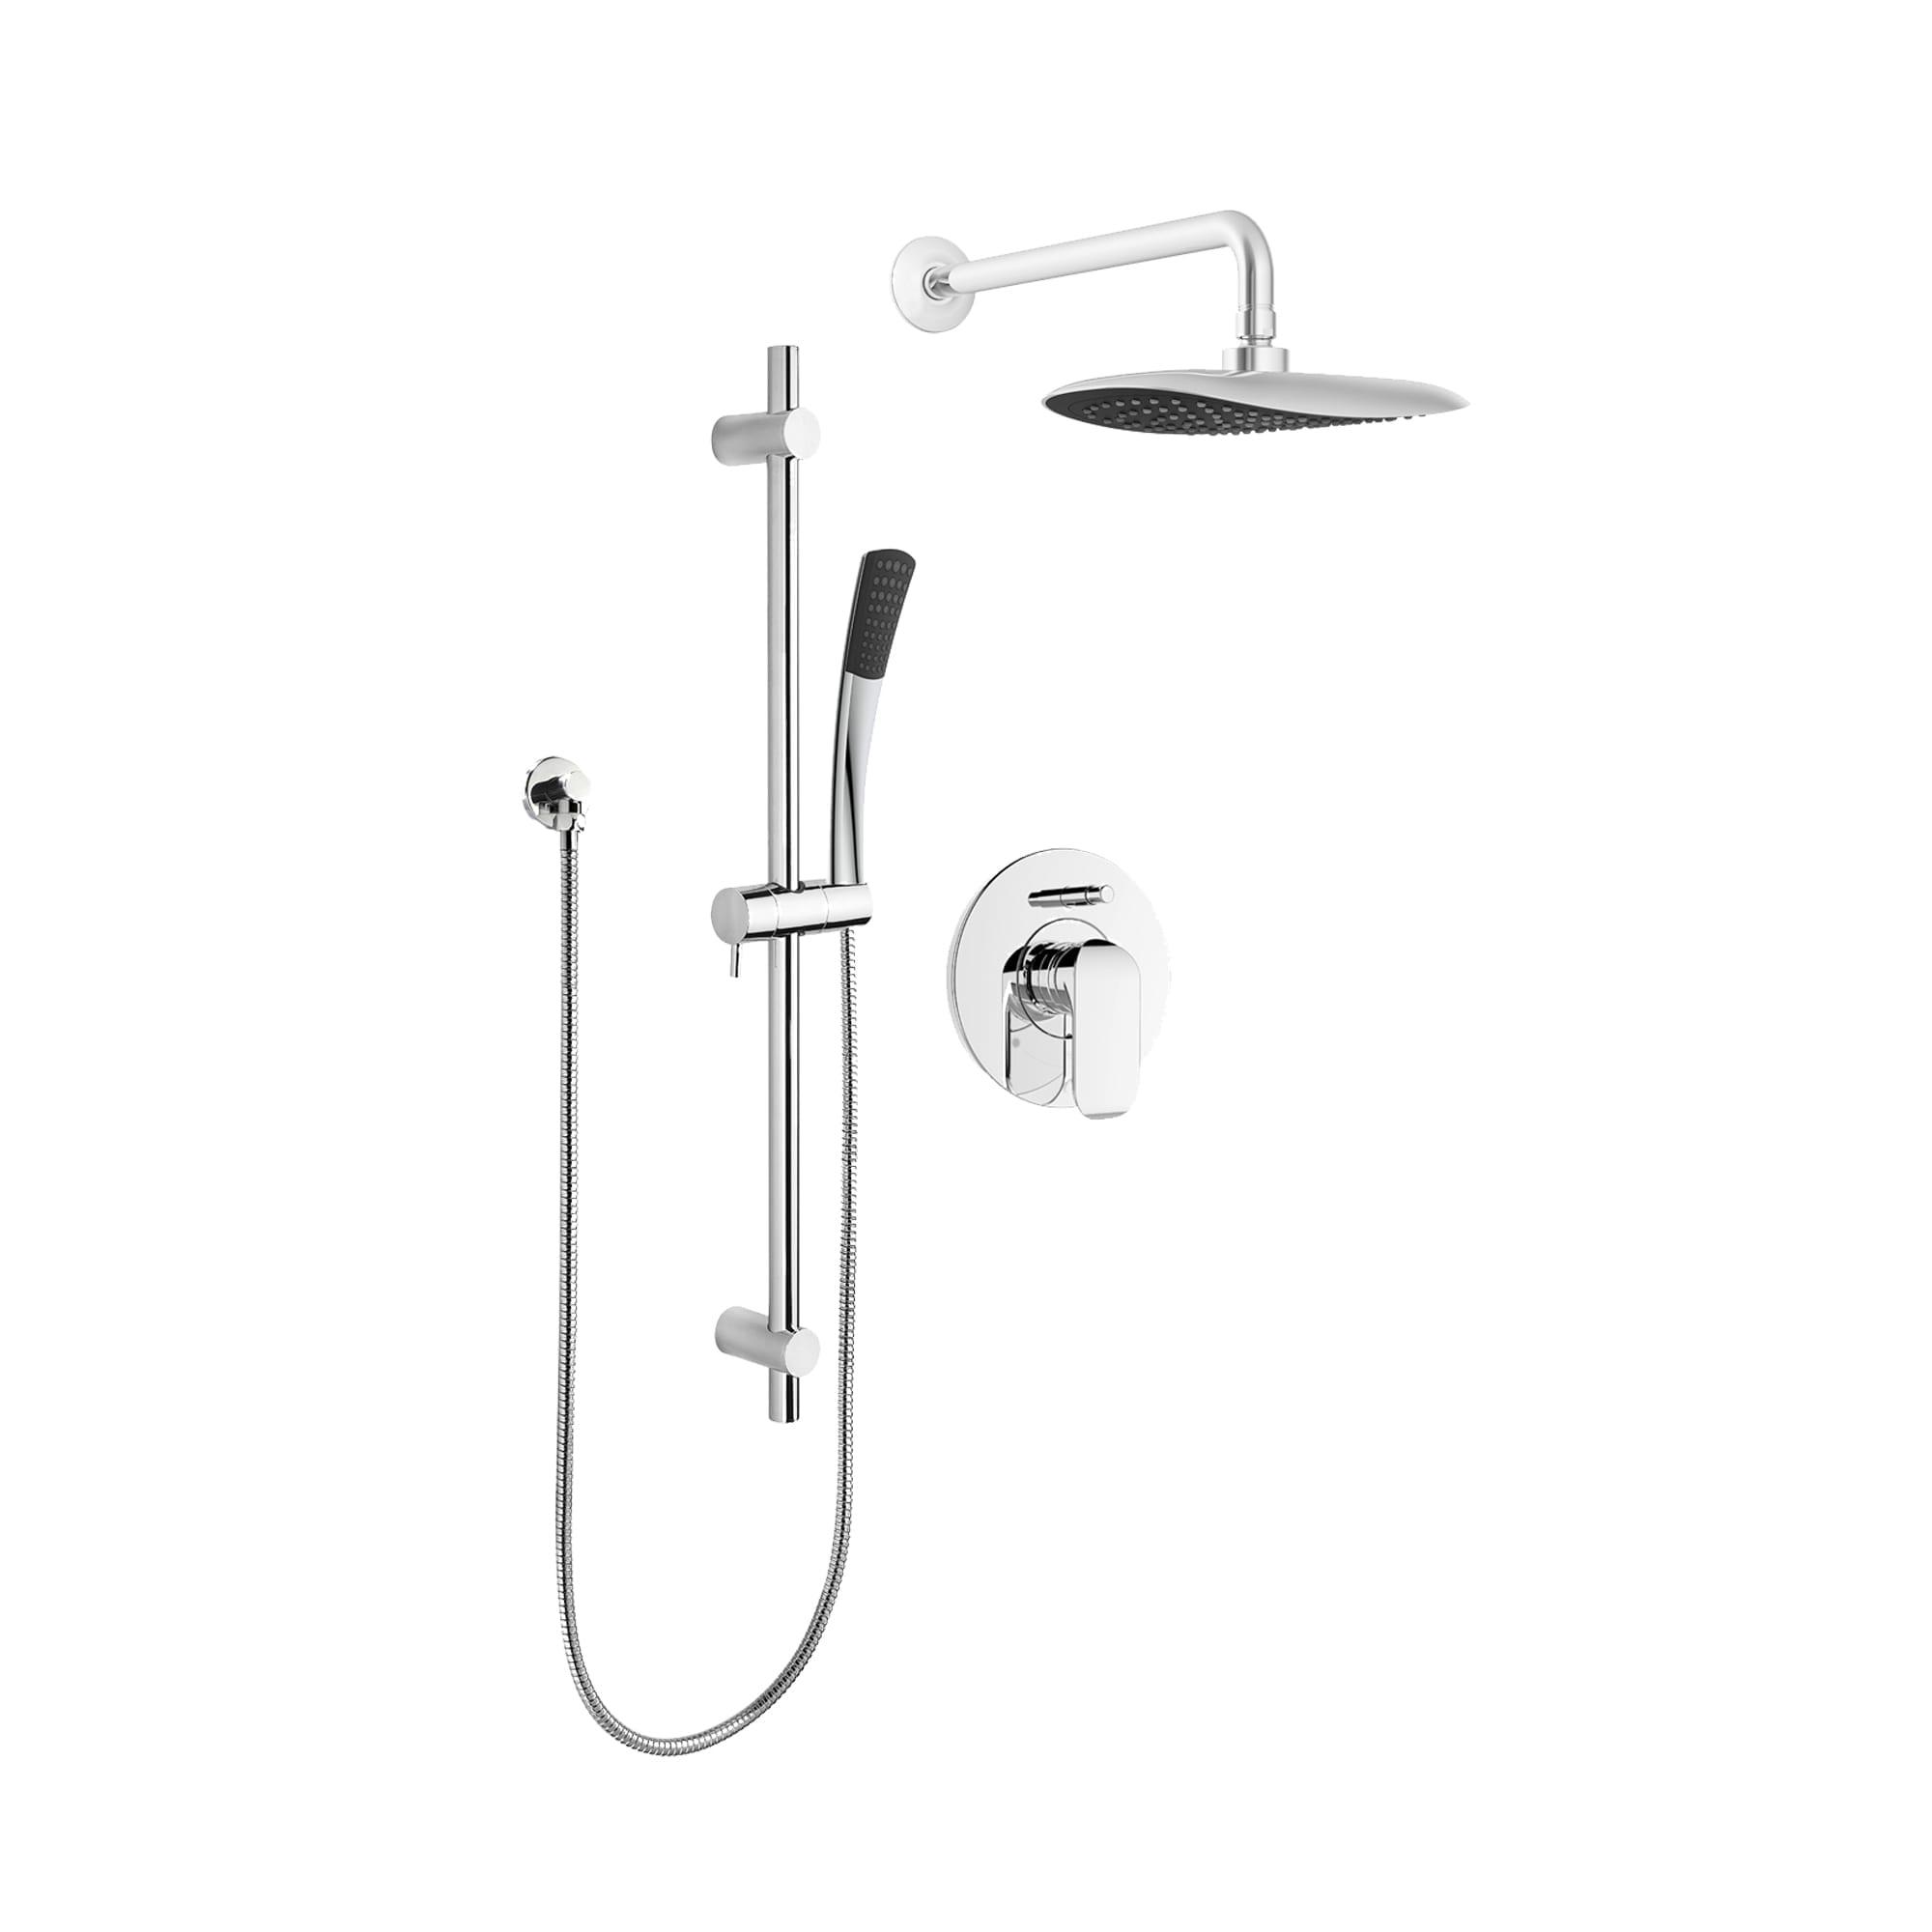 Kit Shower Faucet Trim For Pressure Balanced Diverter